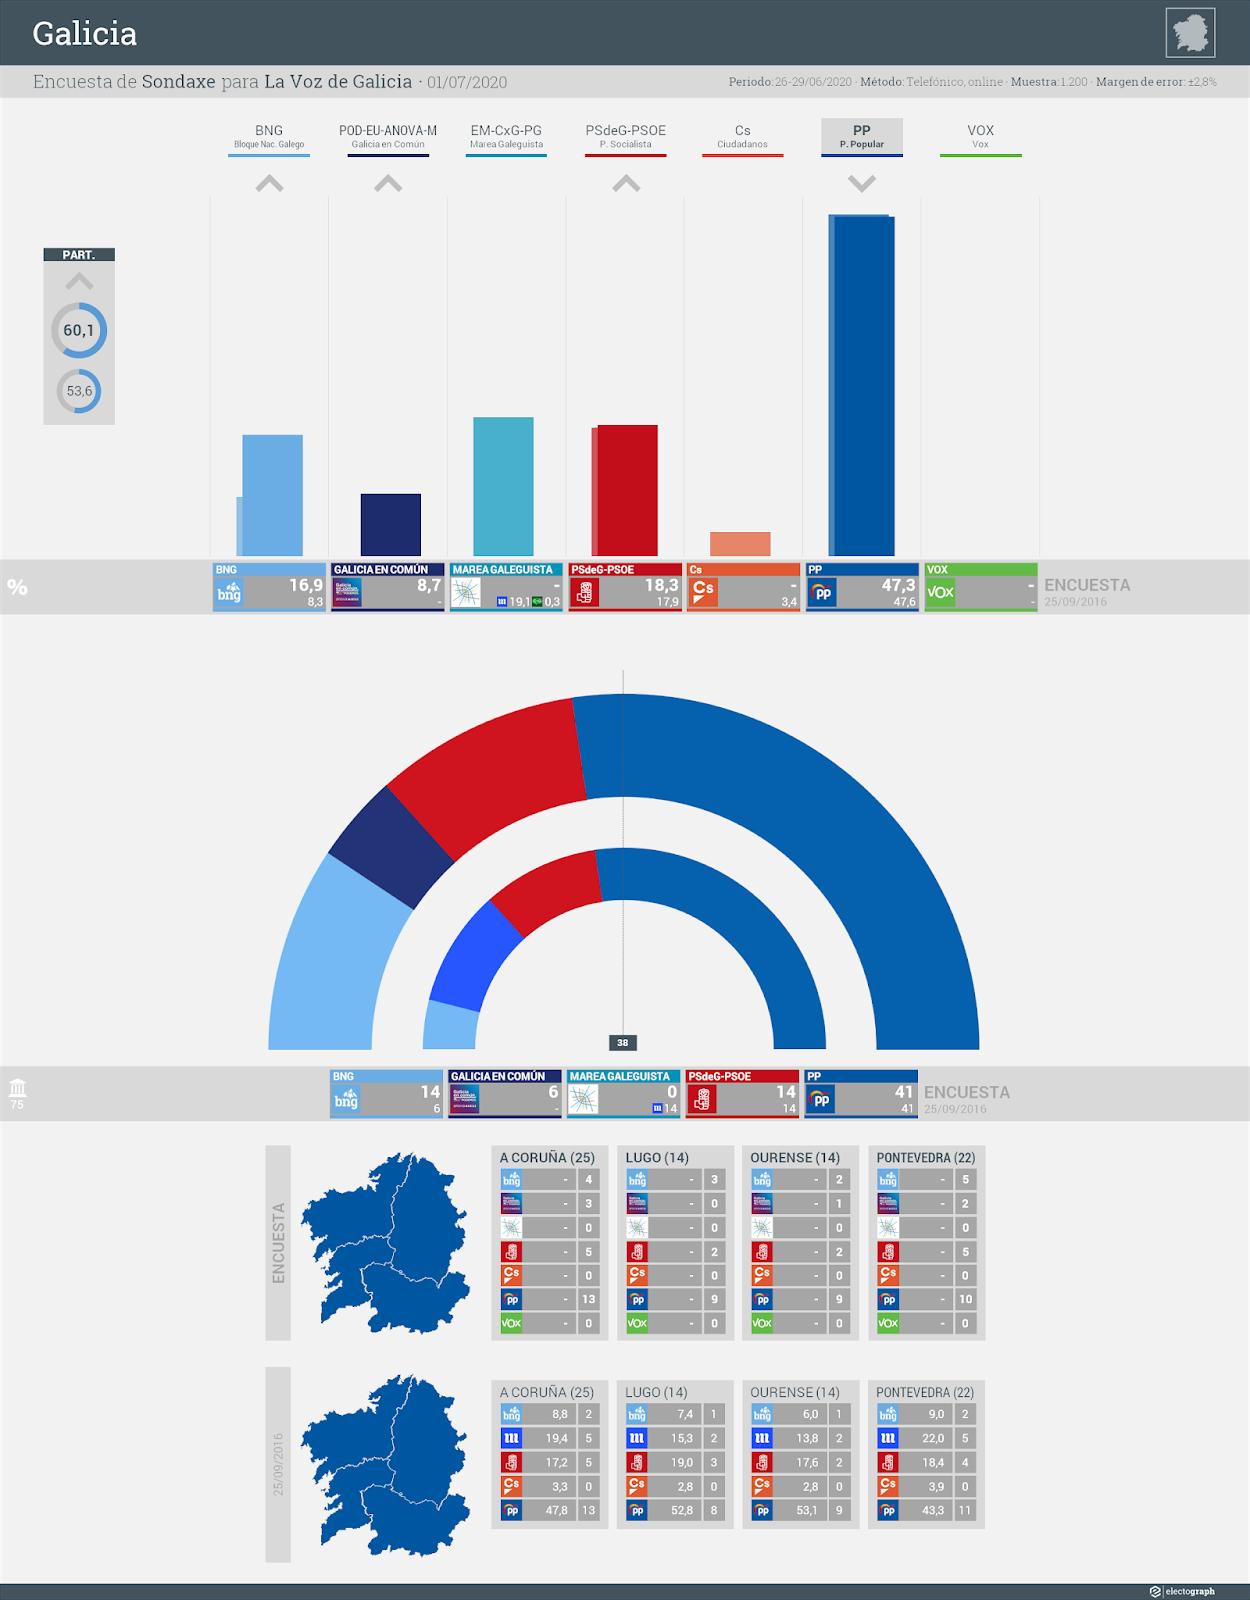 Gráfico de la encuesta para elecciones autonómicas en Galicia realizada por Sondaxe para La Voz de Galicia, 1 de julio de 2020